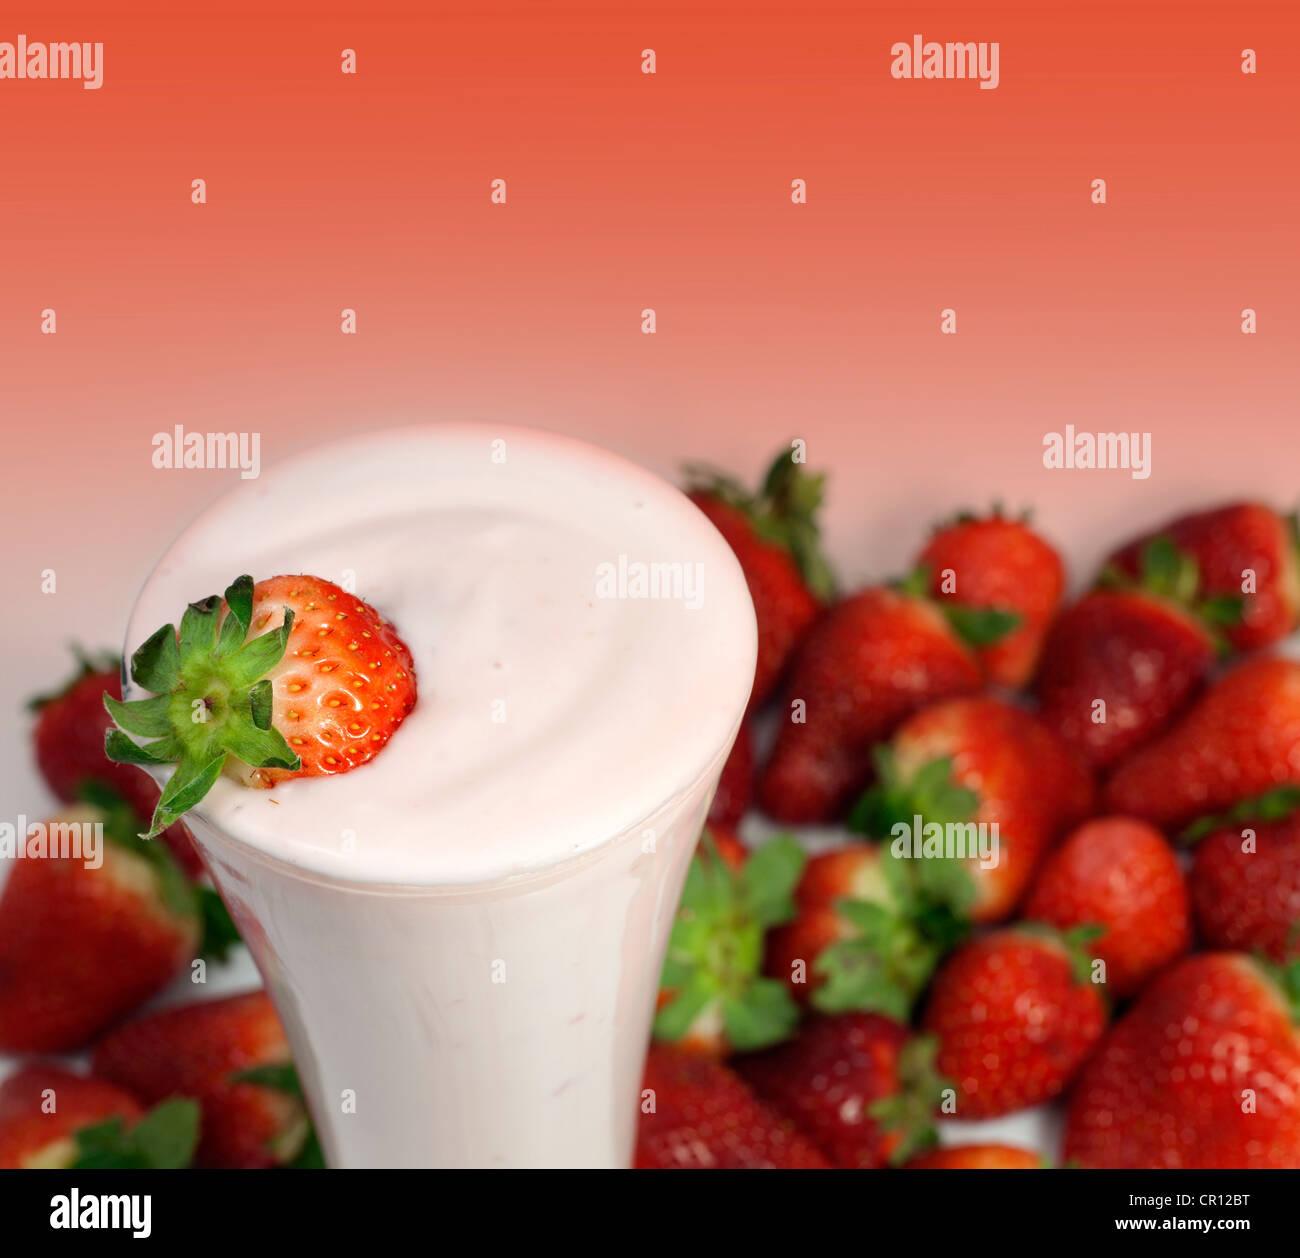 Batido de Fresa cóctel con fresas frescas Imagen De Stock